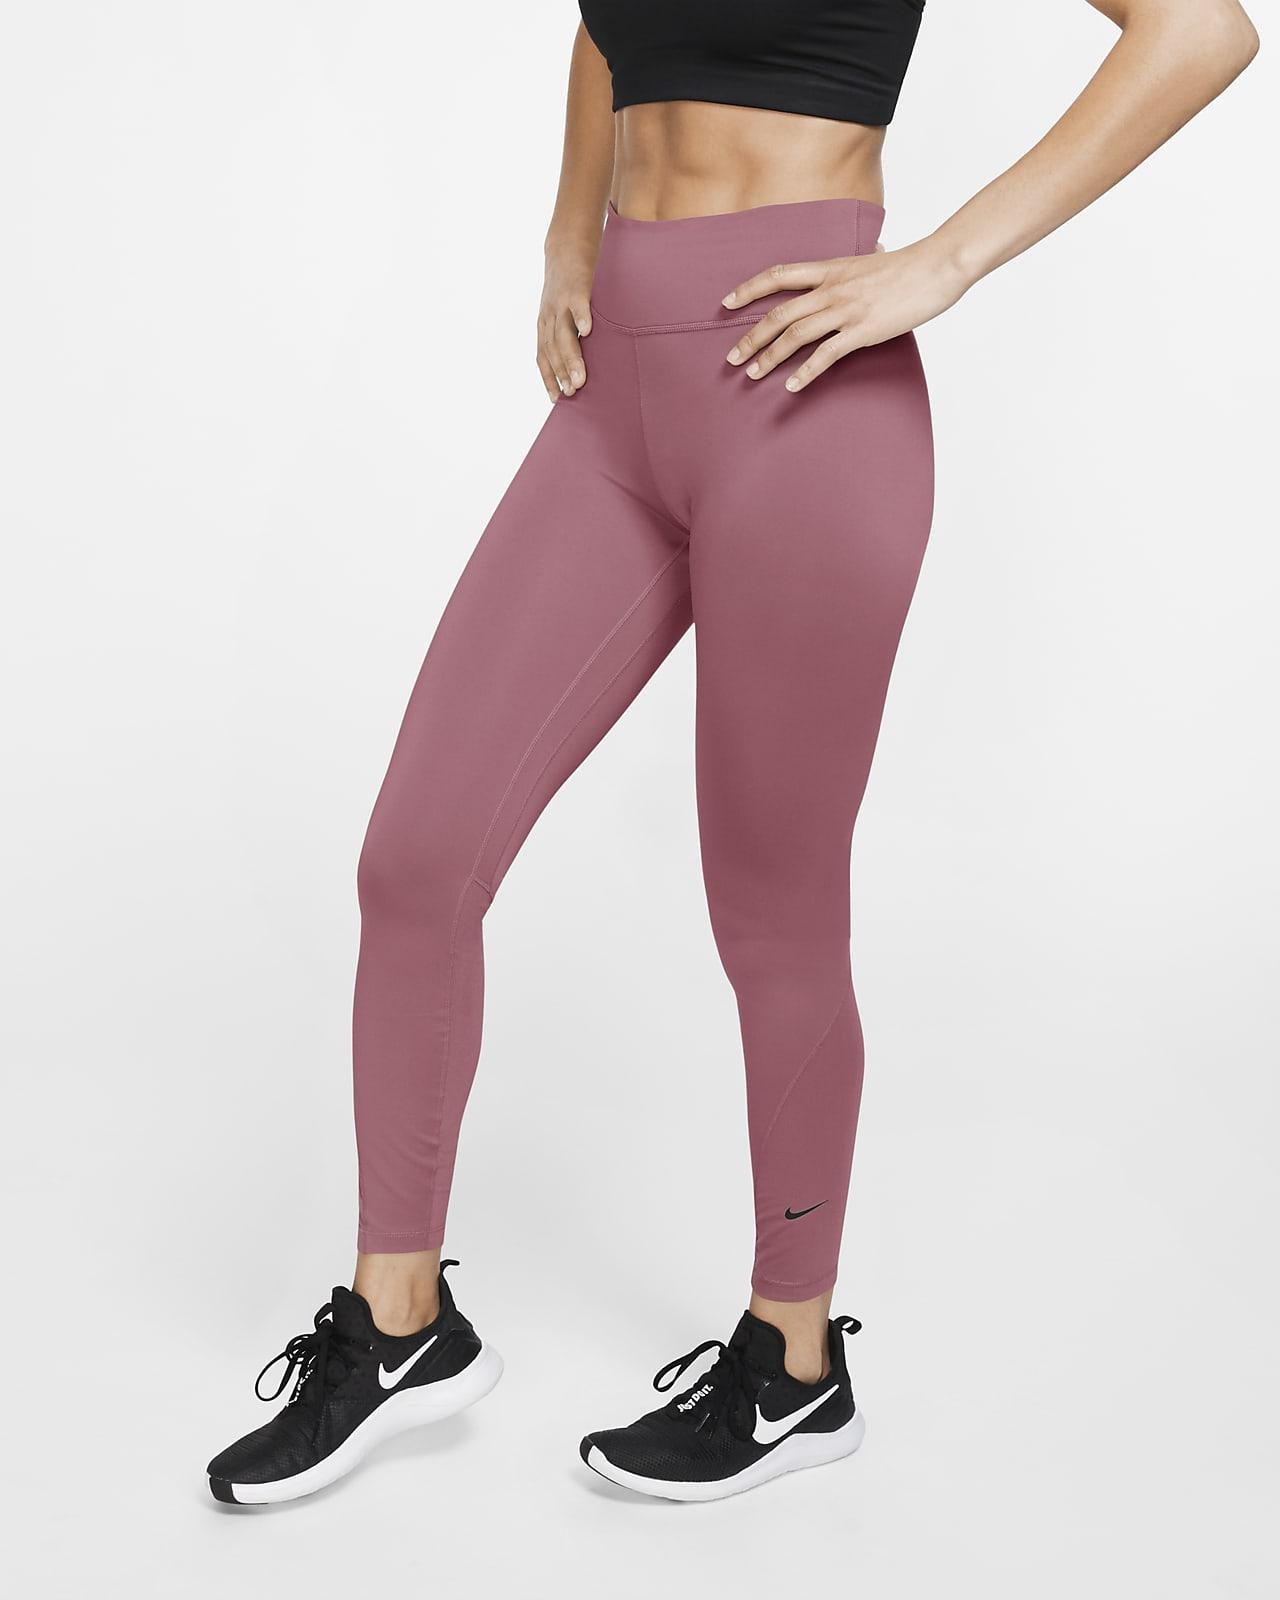 Damskie legginsy 7/8 ze średnim stanem Nike One